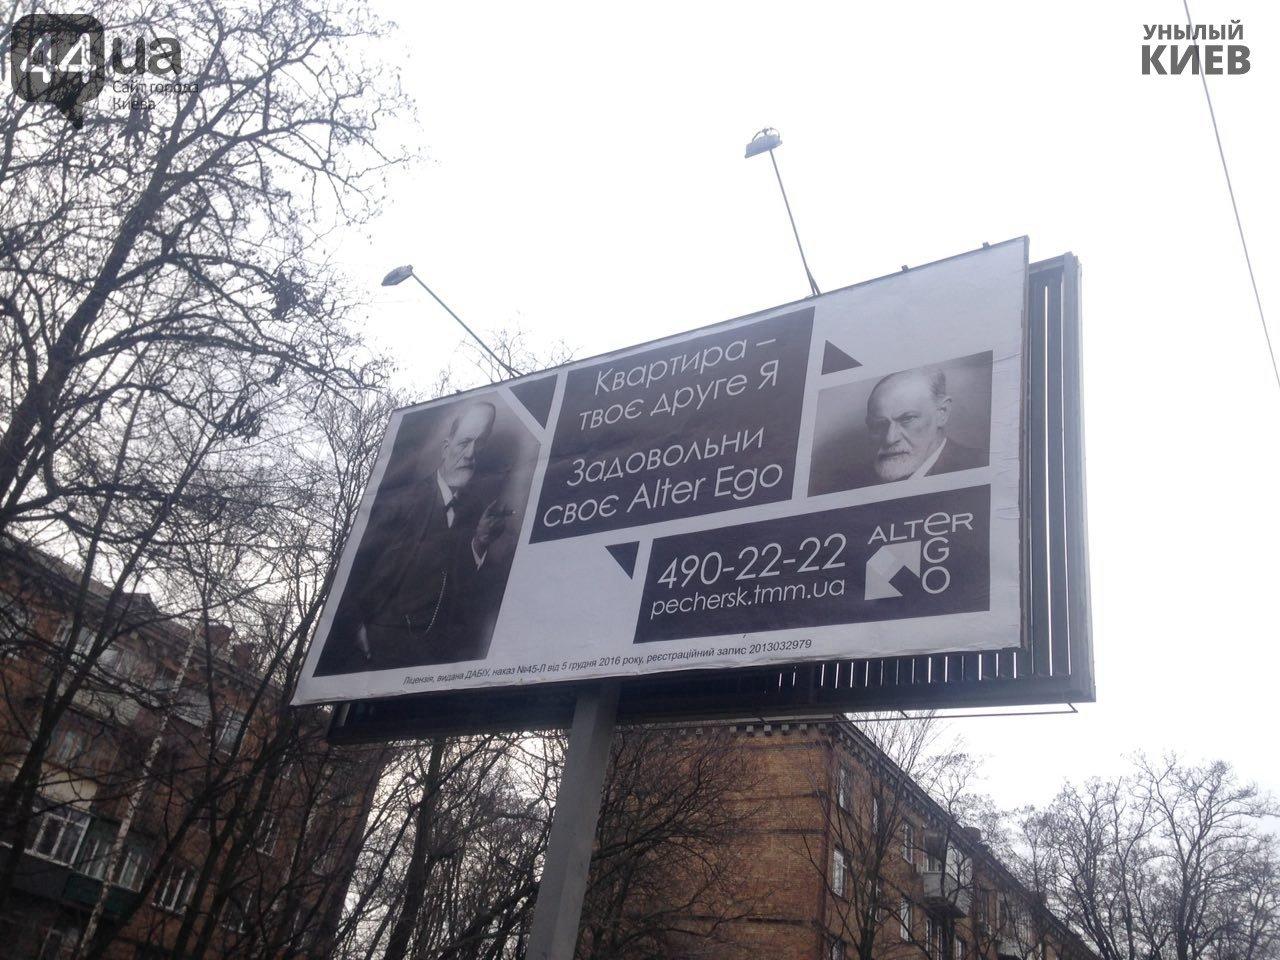 Унылый Киев: вспоминаем прошлый год (ФОТО), фото-8